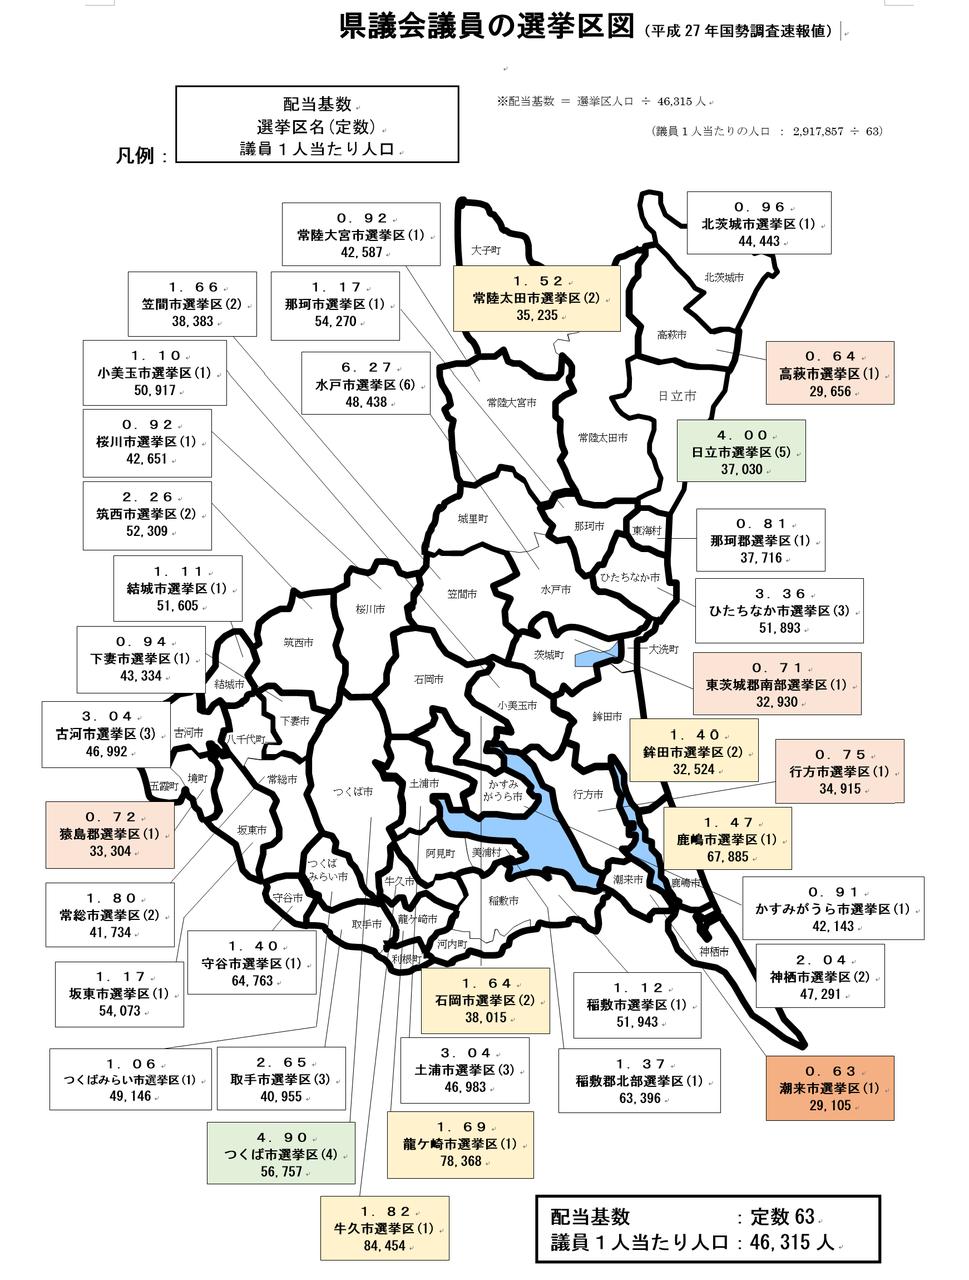 茨城県議会の定数・選挙区の現状...